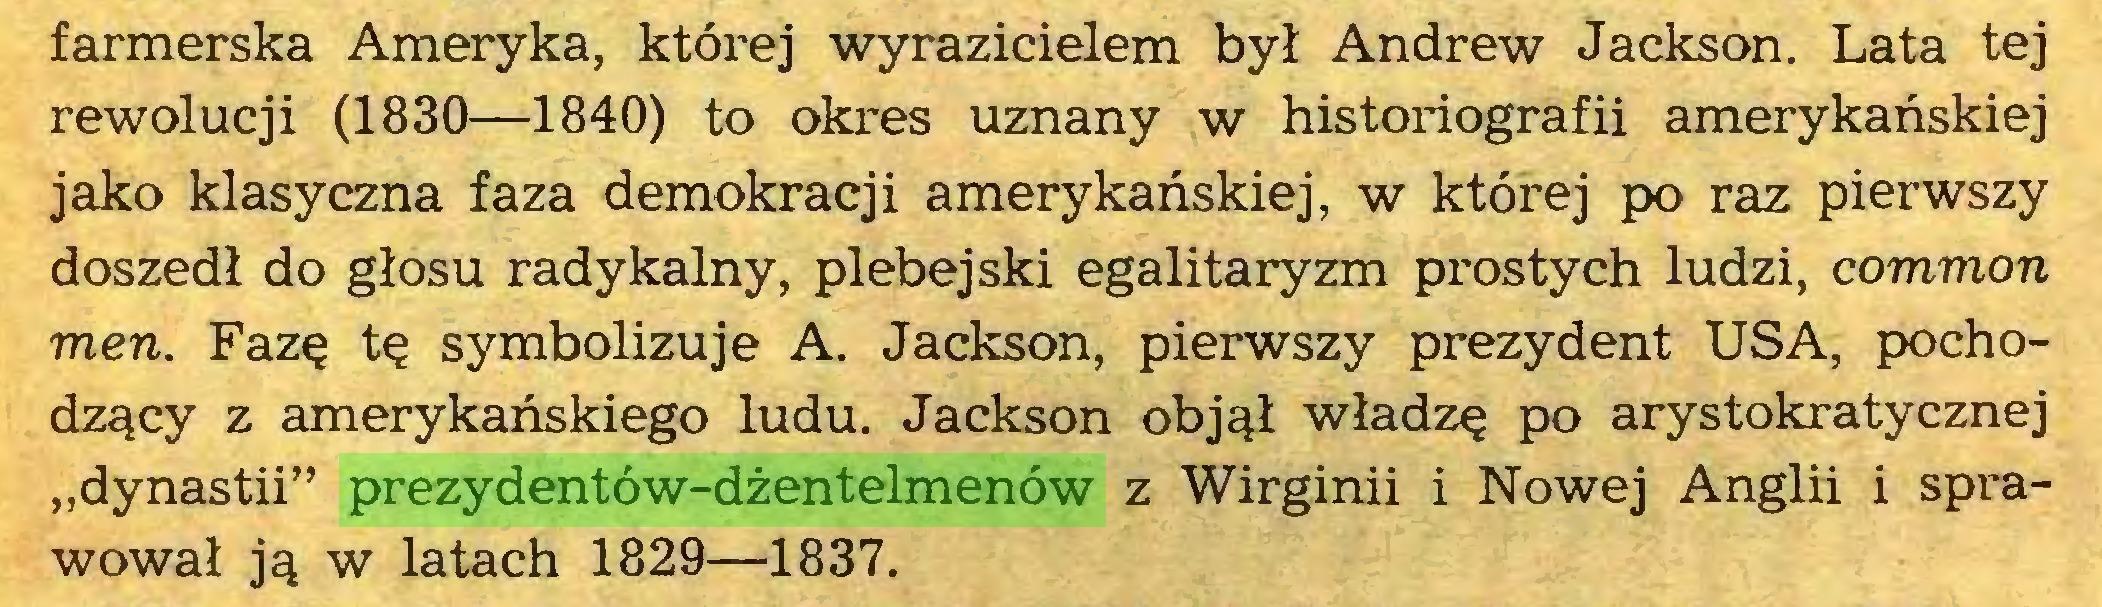 """(...) farmerska Ameryka, której wyrazicielem był Andrew Jackson. Lata tej rewolucji (1830—1840) to okres uznany w historiografii amerykańskiej jako klasyczna faza demokracji amerykańskiej, w której po raz pierwszy doszedł do głosu radykalny, plebejski egalitaryzm prostych ludzi, common men. Fazę tę symbolizuje A. Jackson, pierwszy prezydent USA, pochodzący z amerykańskiego ludu. Jackson objął władzę po arystokratycznej """"dynastii"""" prezydentów-dżentelmenów z Wirginii i Nowej Anglii i sprawował ją w latach 1829—1837..."""